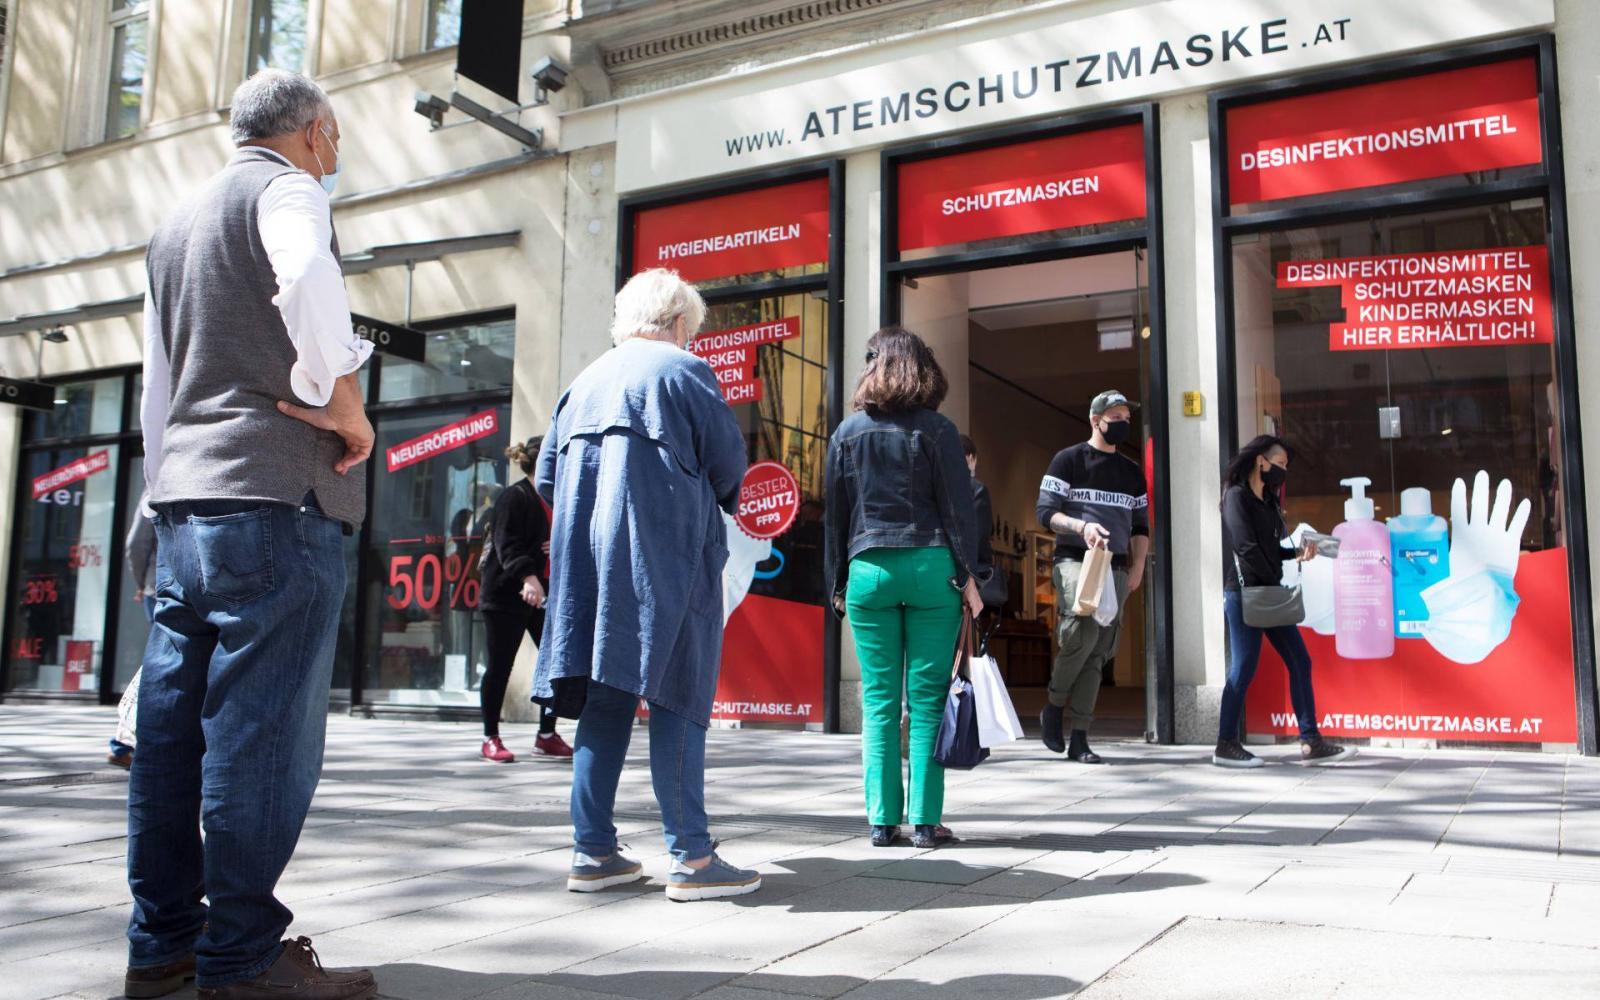 Szeméttelepeken leadott dolgokat árul Bécs legmenőbb használtcikk-kereskedése